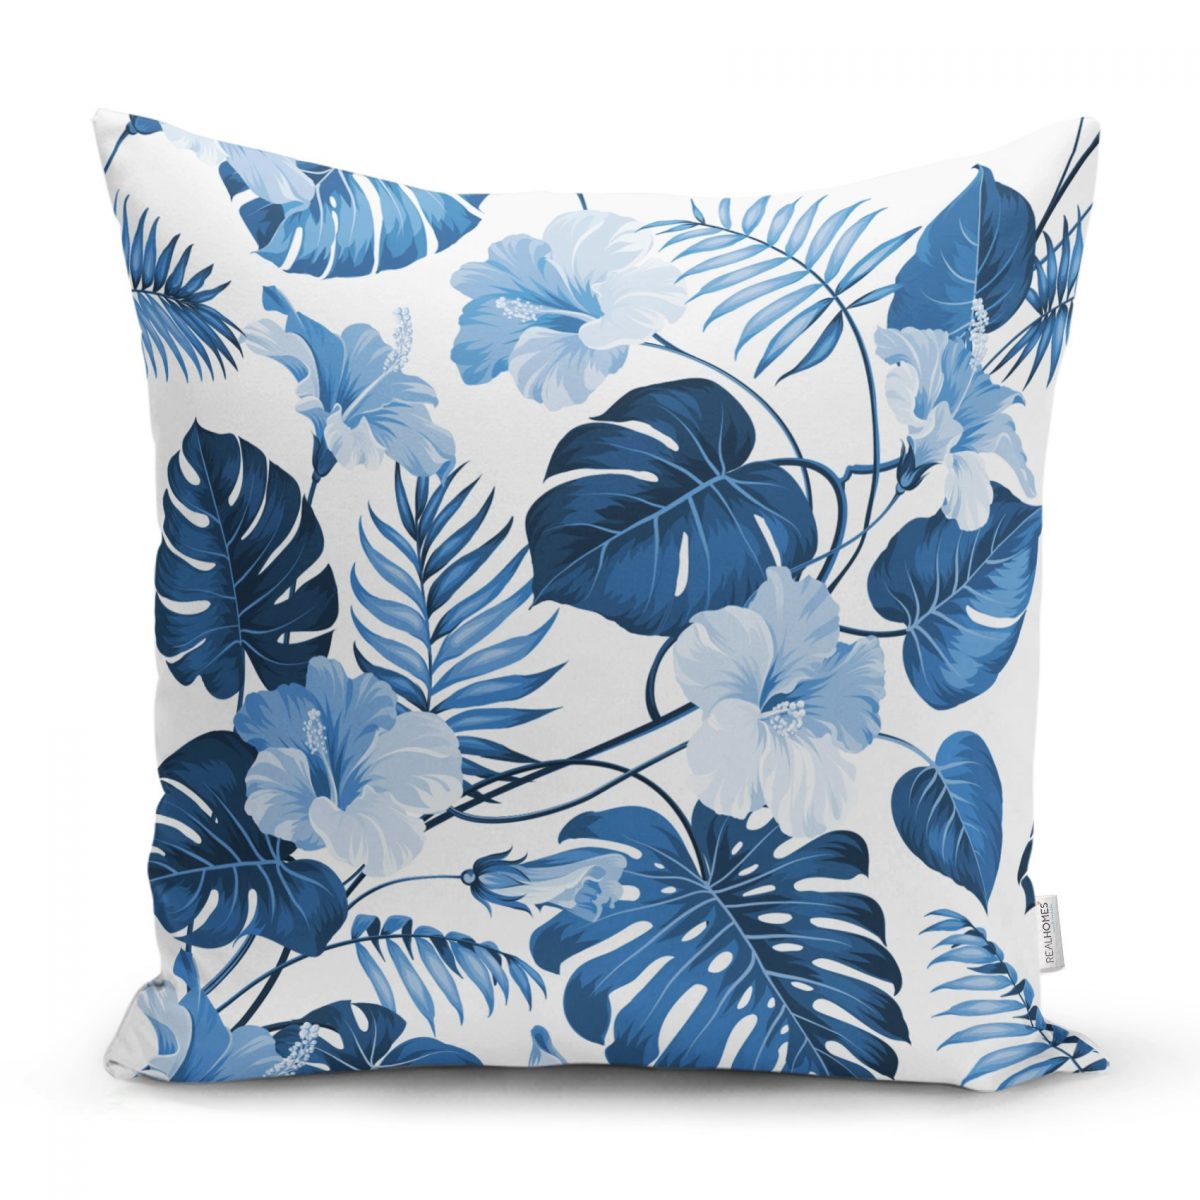 Mavi Amazon Yaprakları Özel Tasarımlı Dekoratif Yastık Kırlent Kılıfı Realhomes